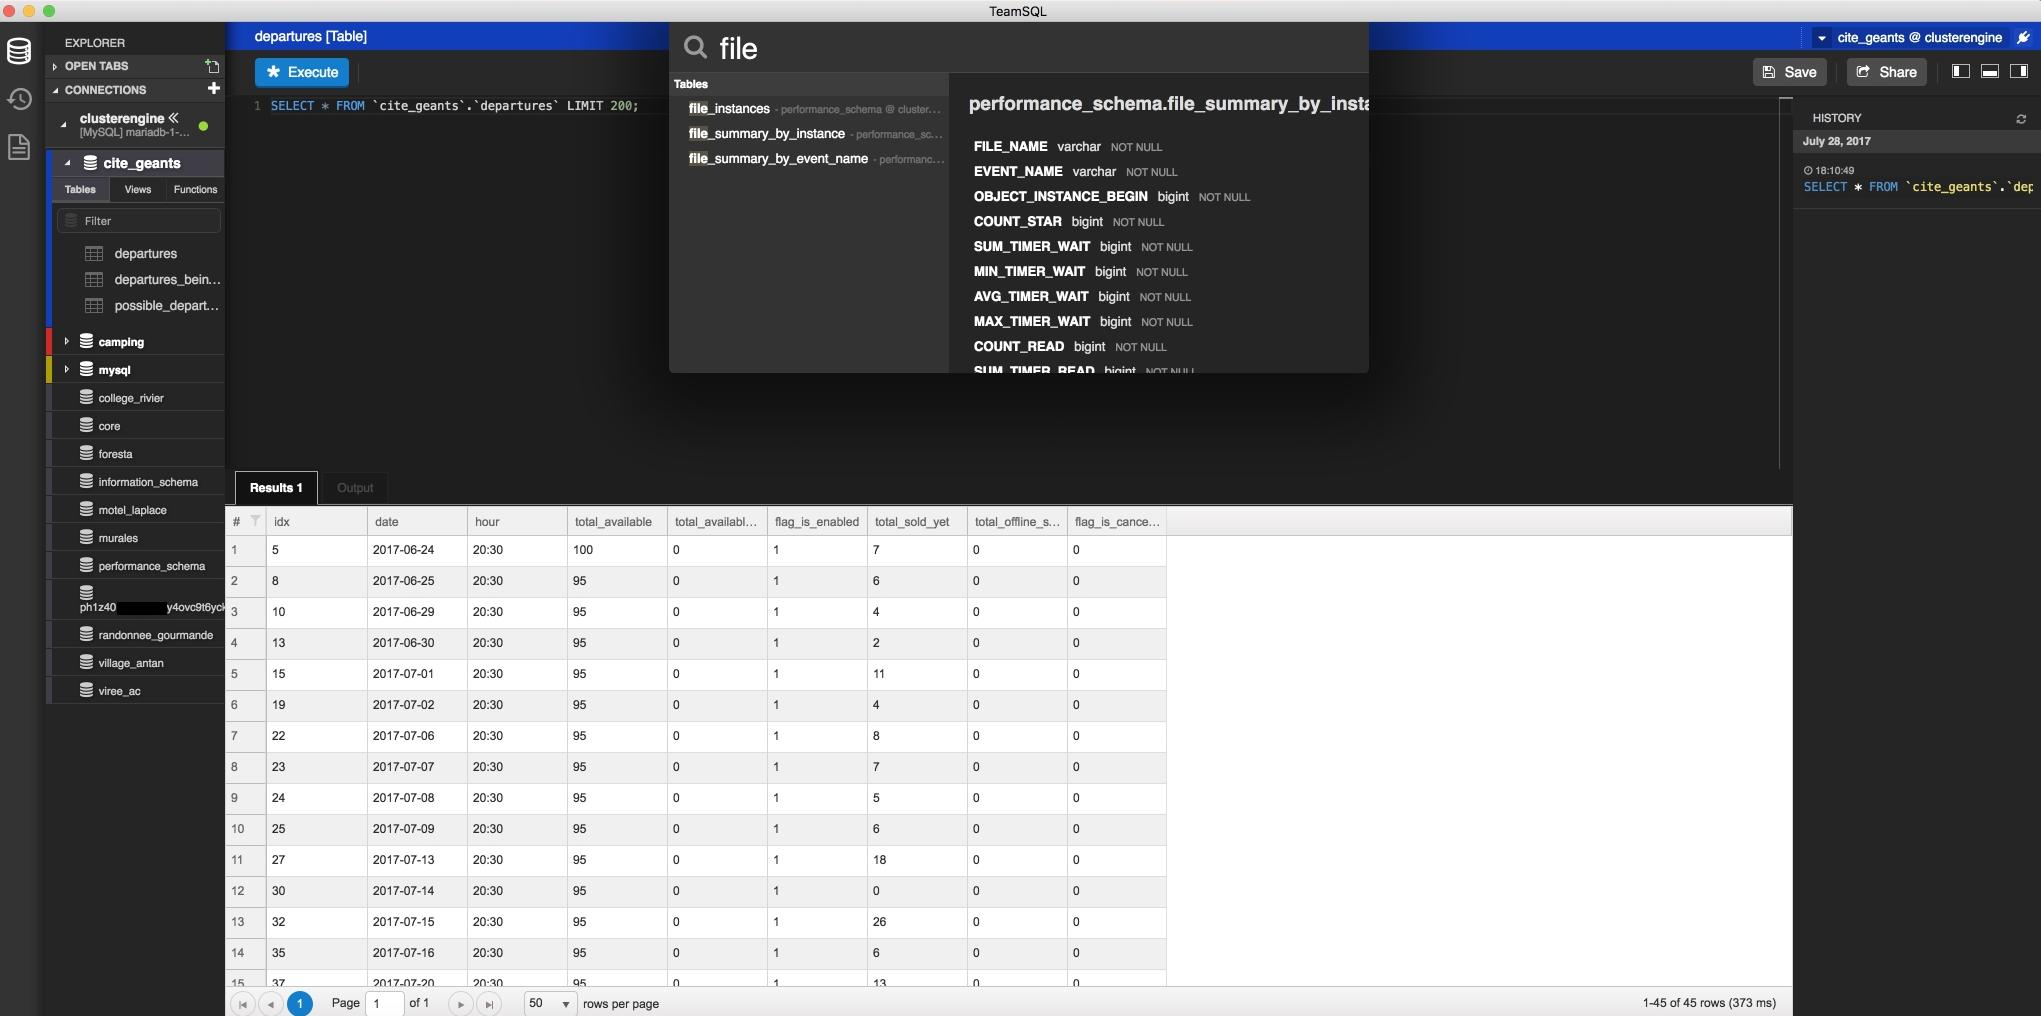 Tools for Database Management  TeamSQL  - ClusterEngine me